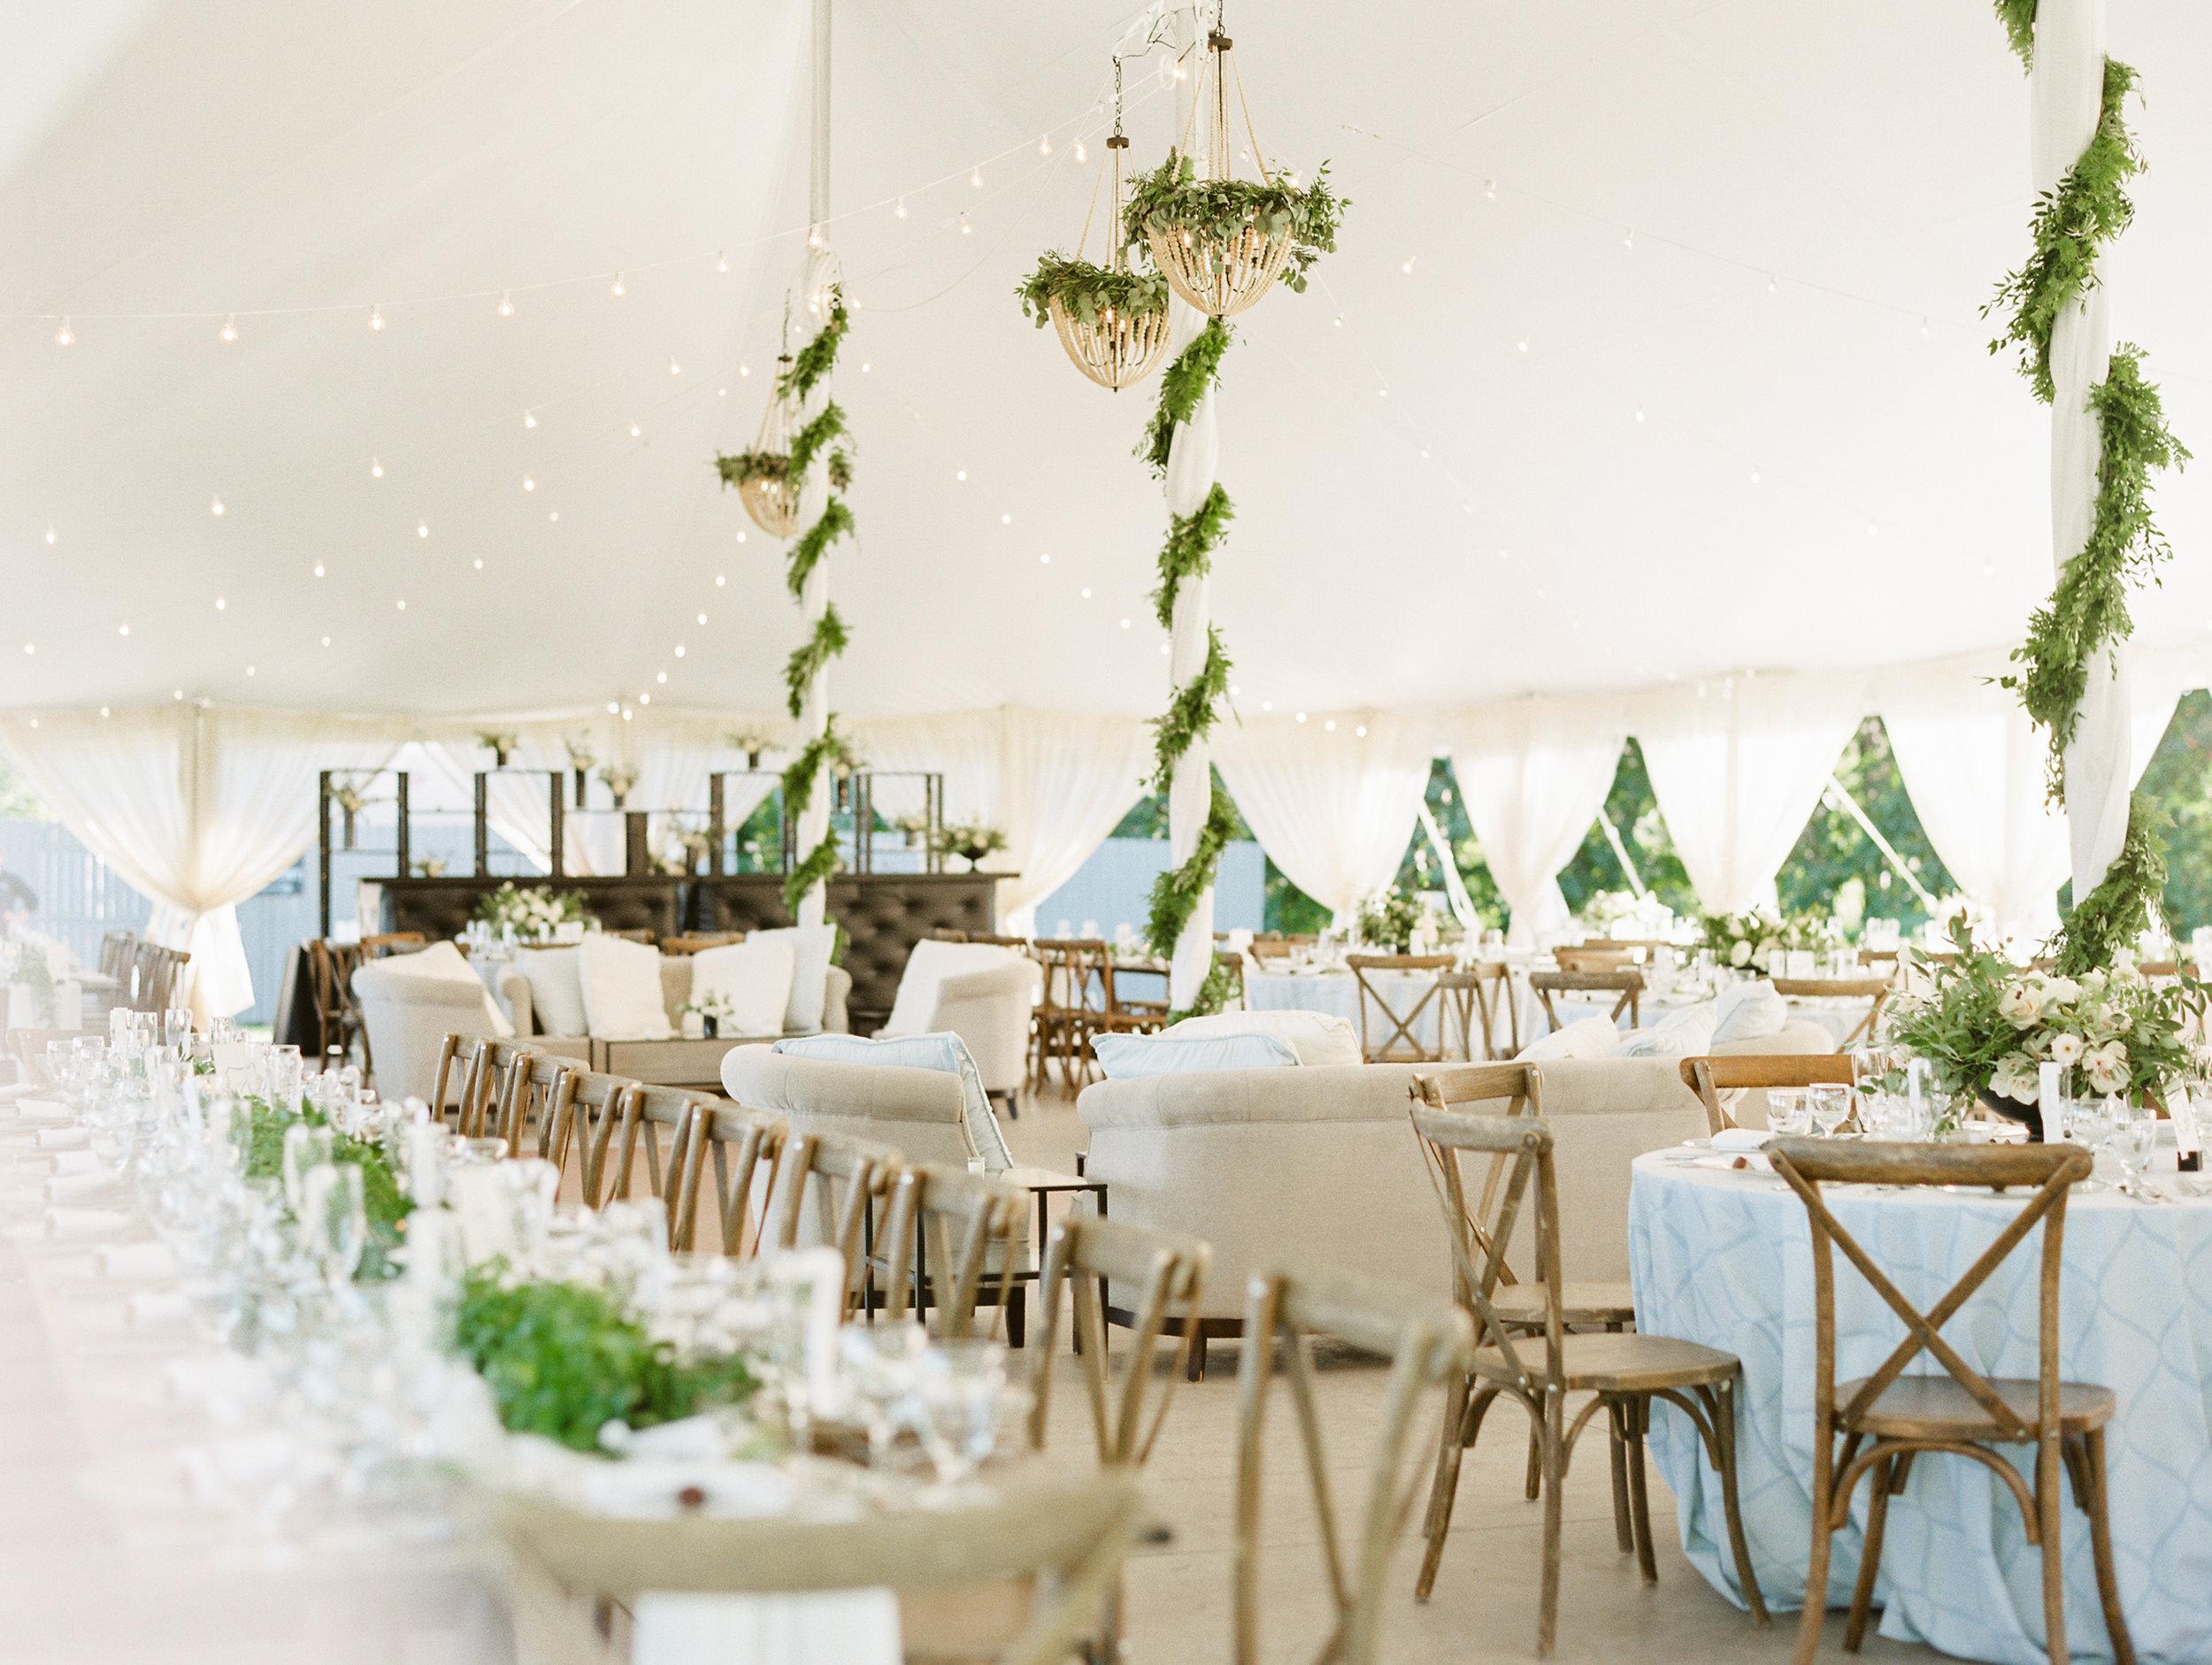 Steinlage+Wedding+Reception+Details-128.jpg